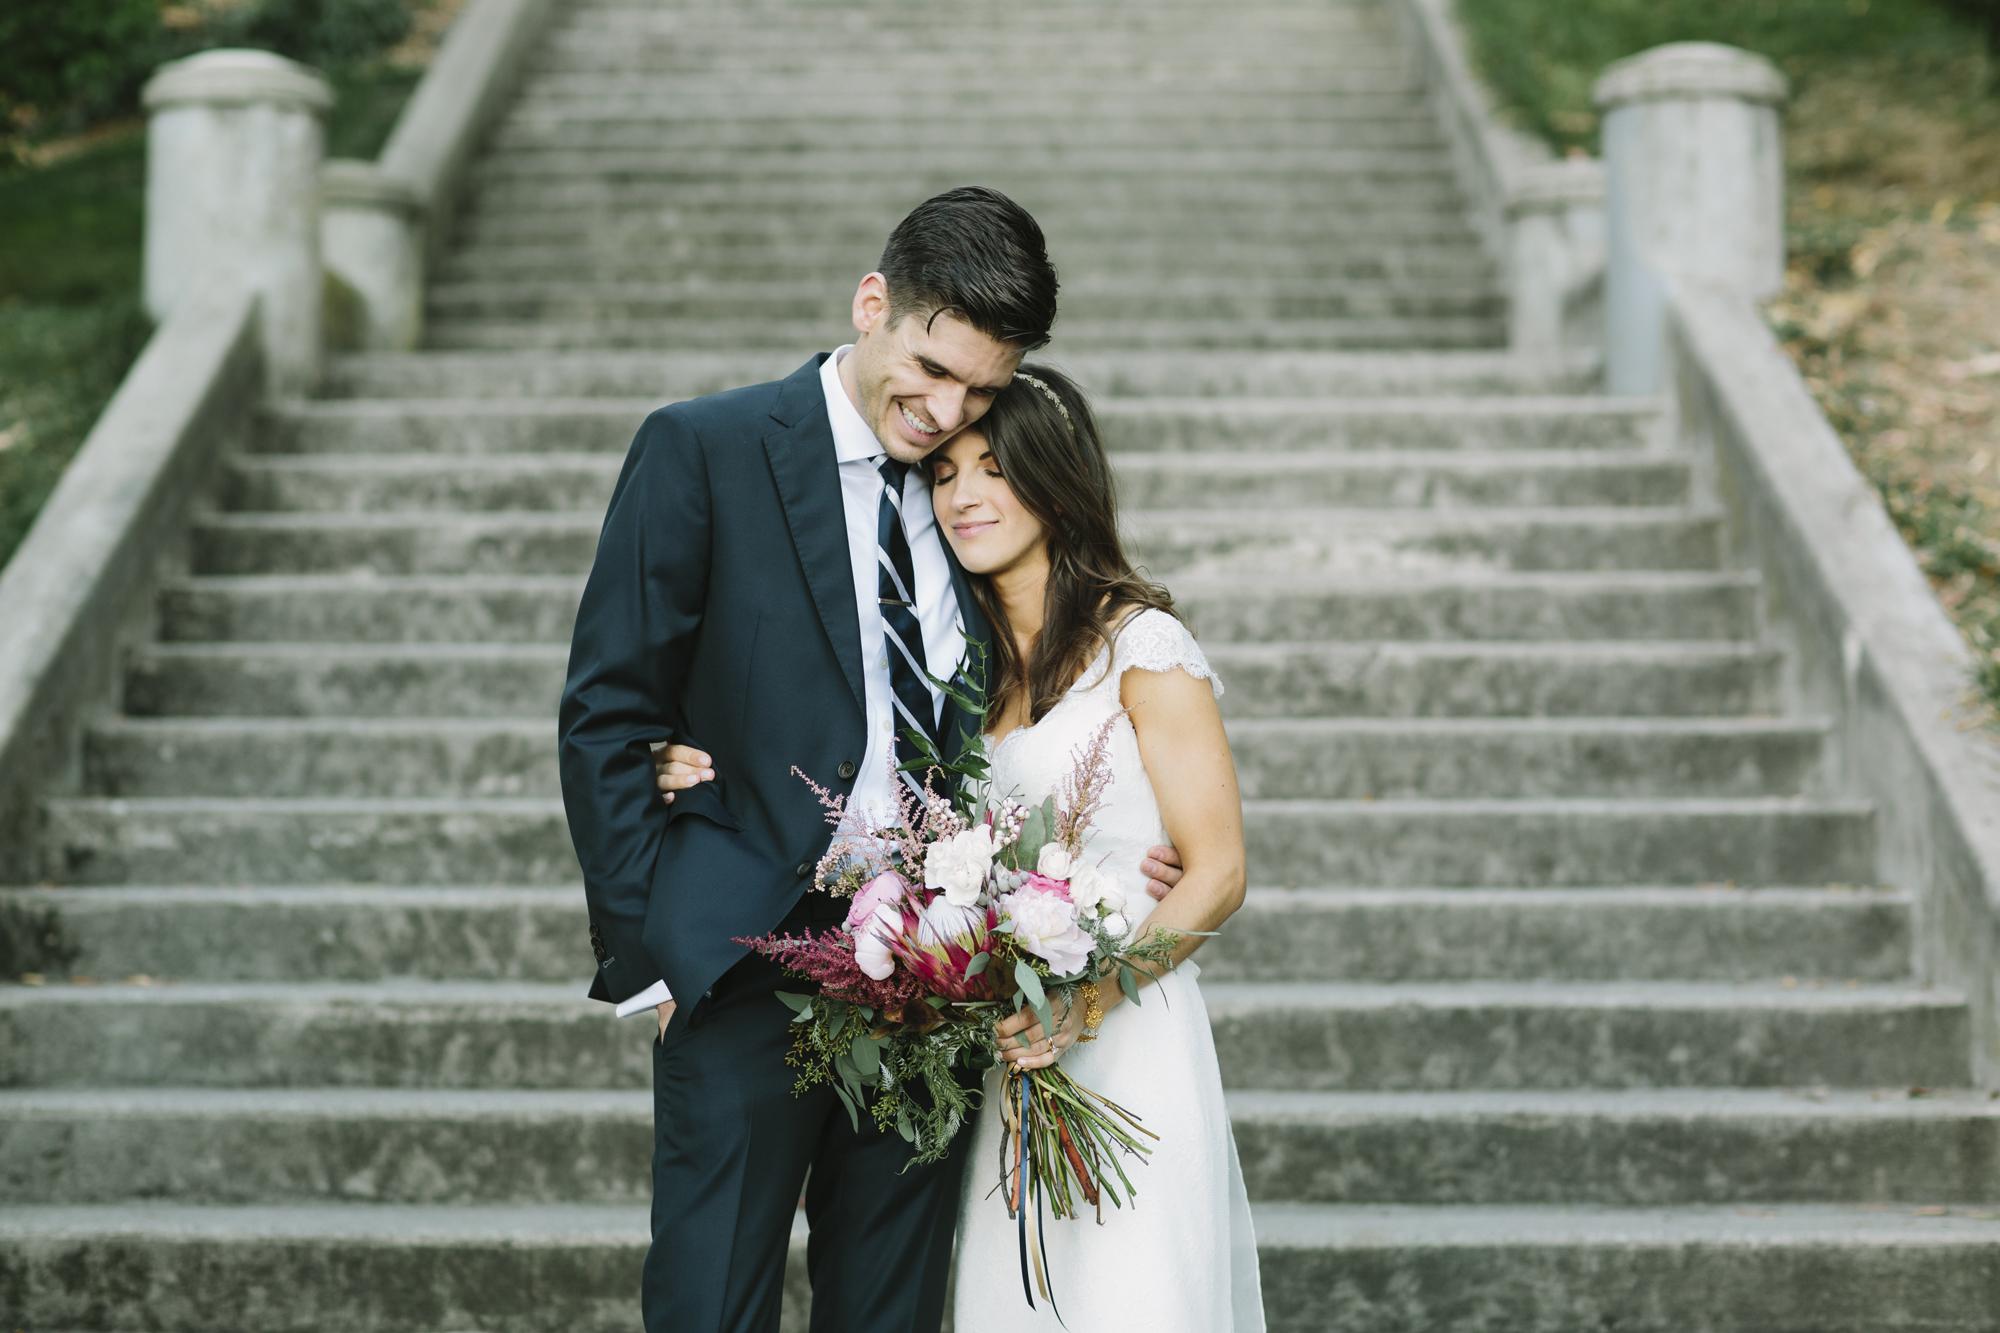 megan_brett_wedding-0442.jpg